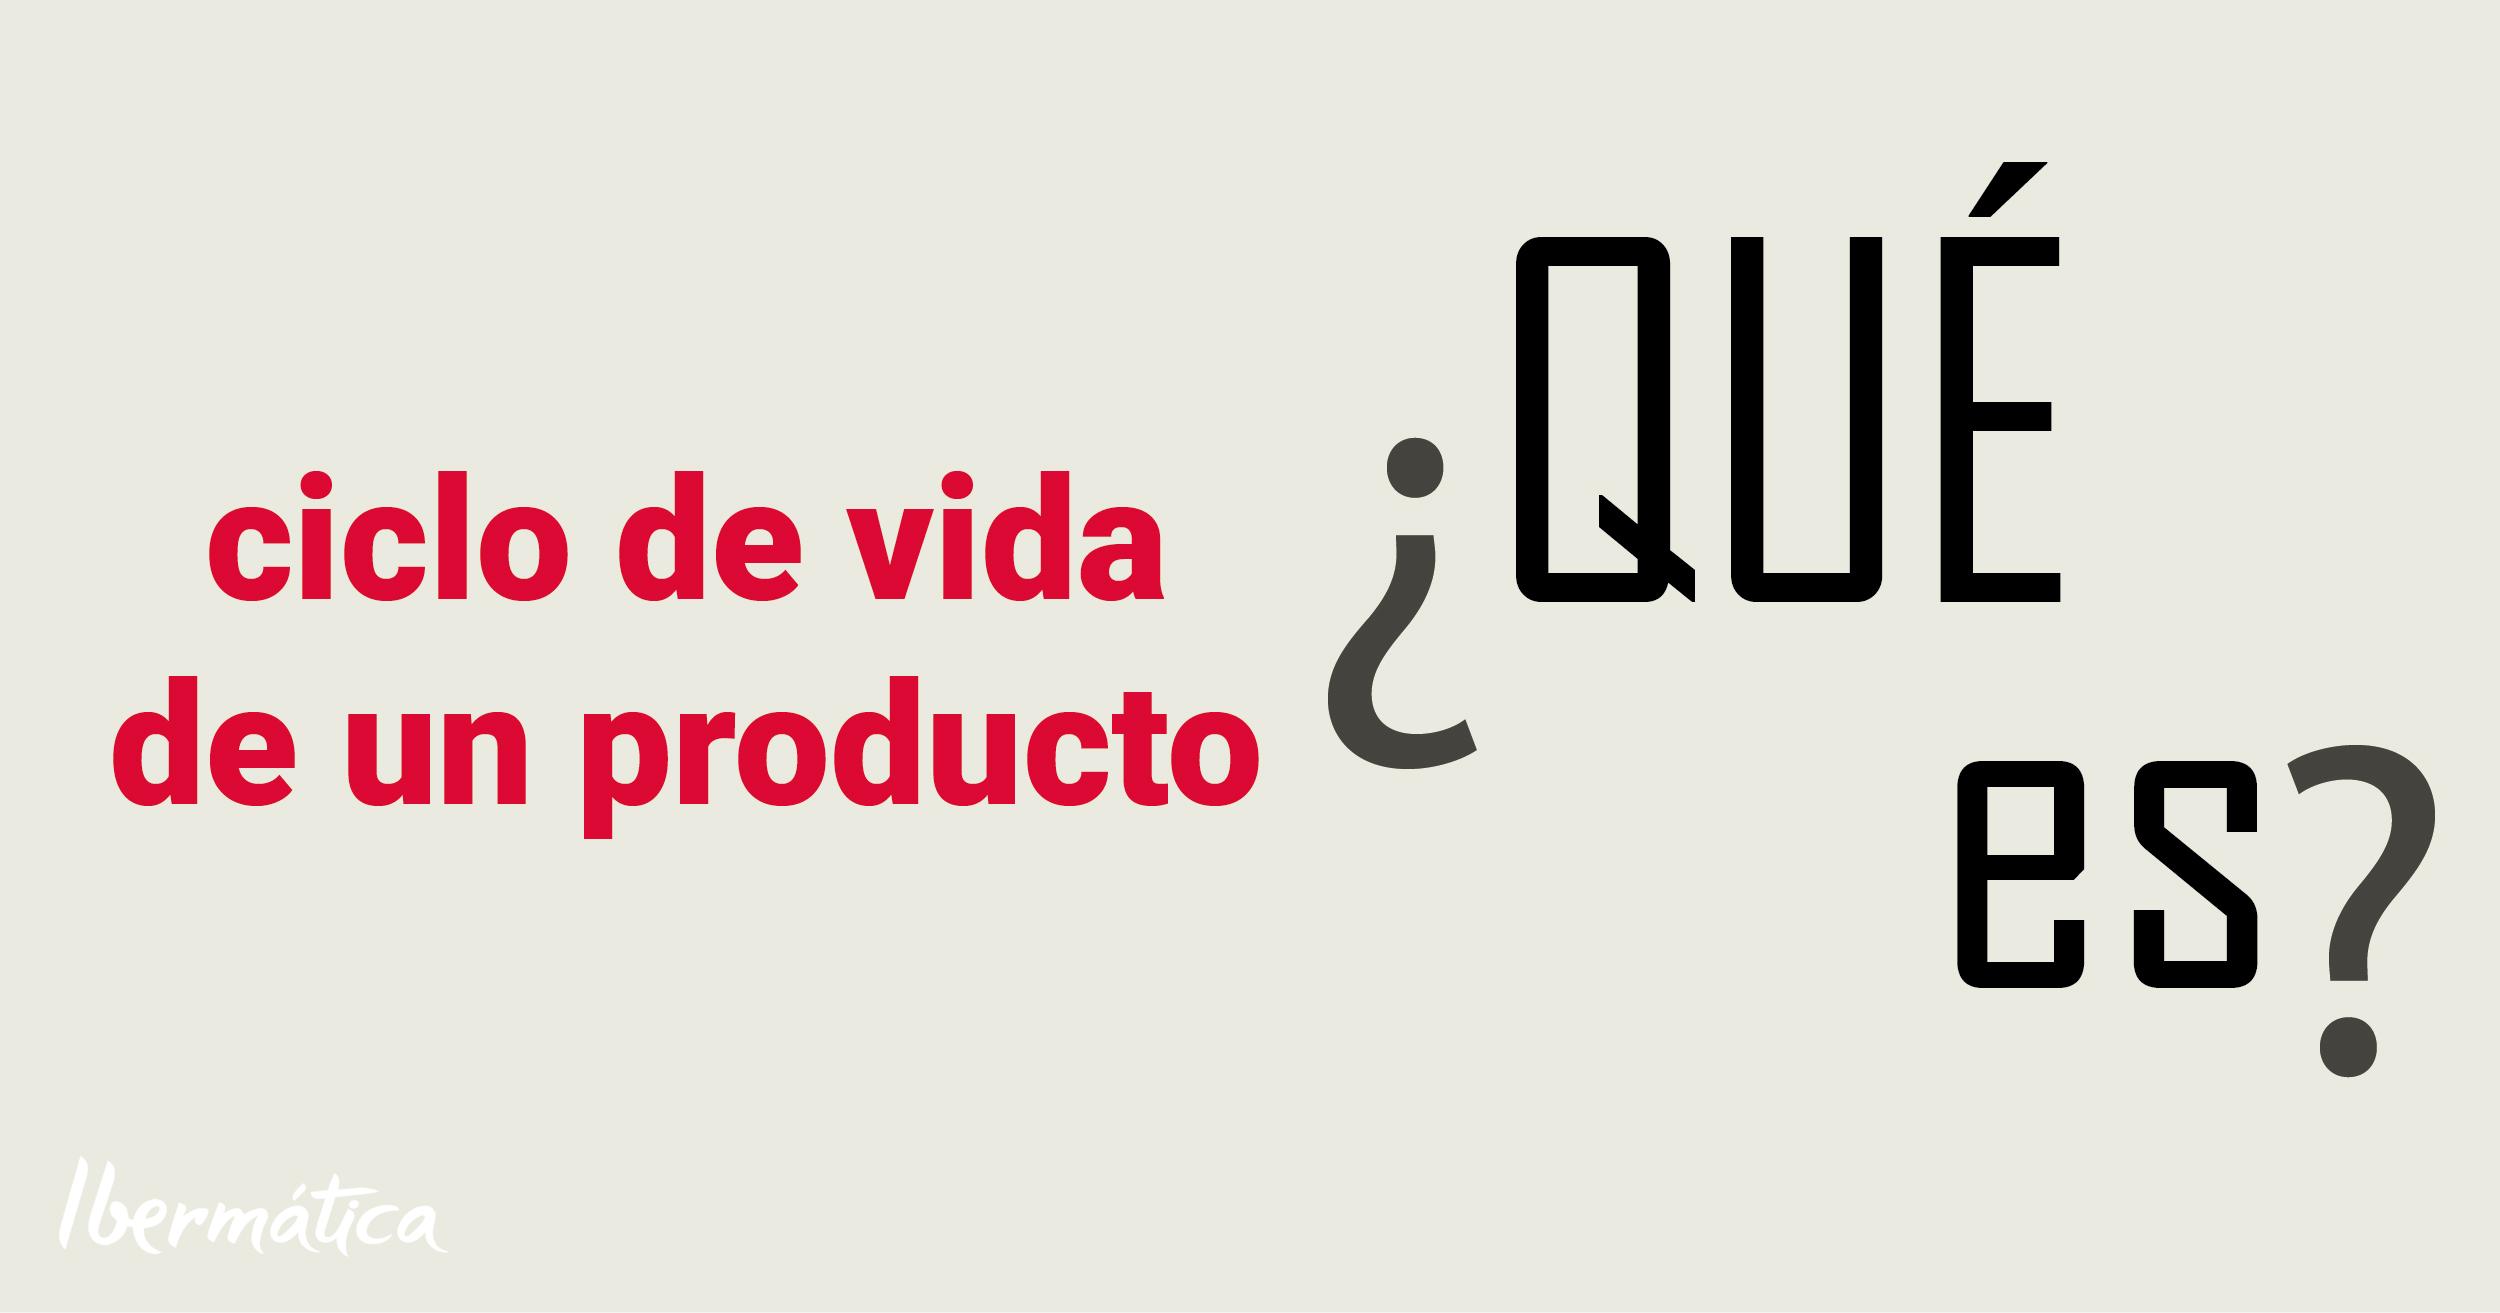 ¿A qué se le llama ciclo de vida de un producto? ¿Qué herramientas ayudan a gestionar el ciclo de vida de un producto de manera eficaz?